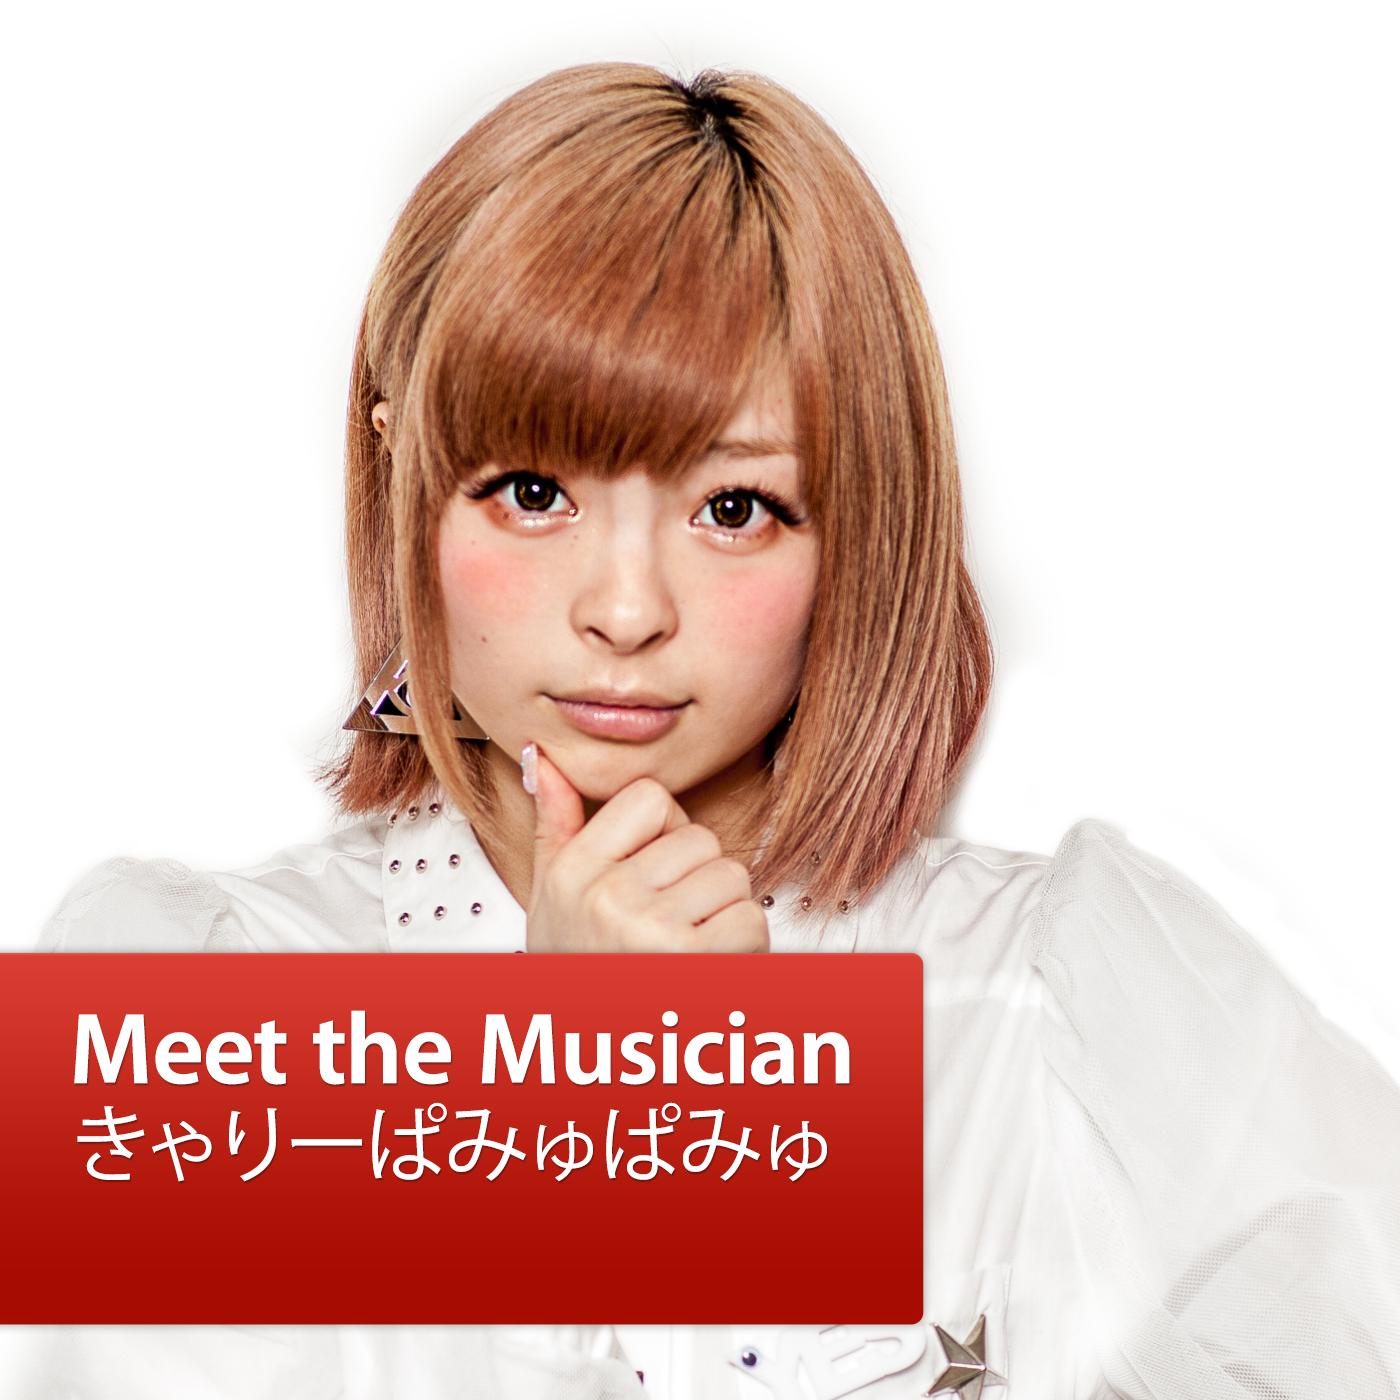 きゃりーぱみゅぱみゅ: Meet the Musician